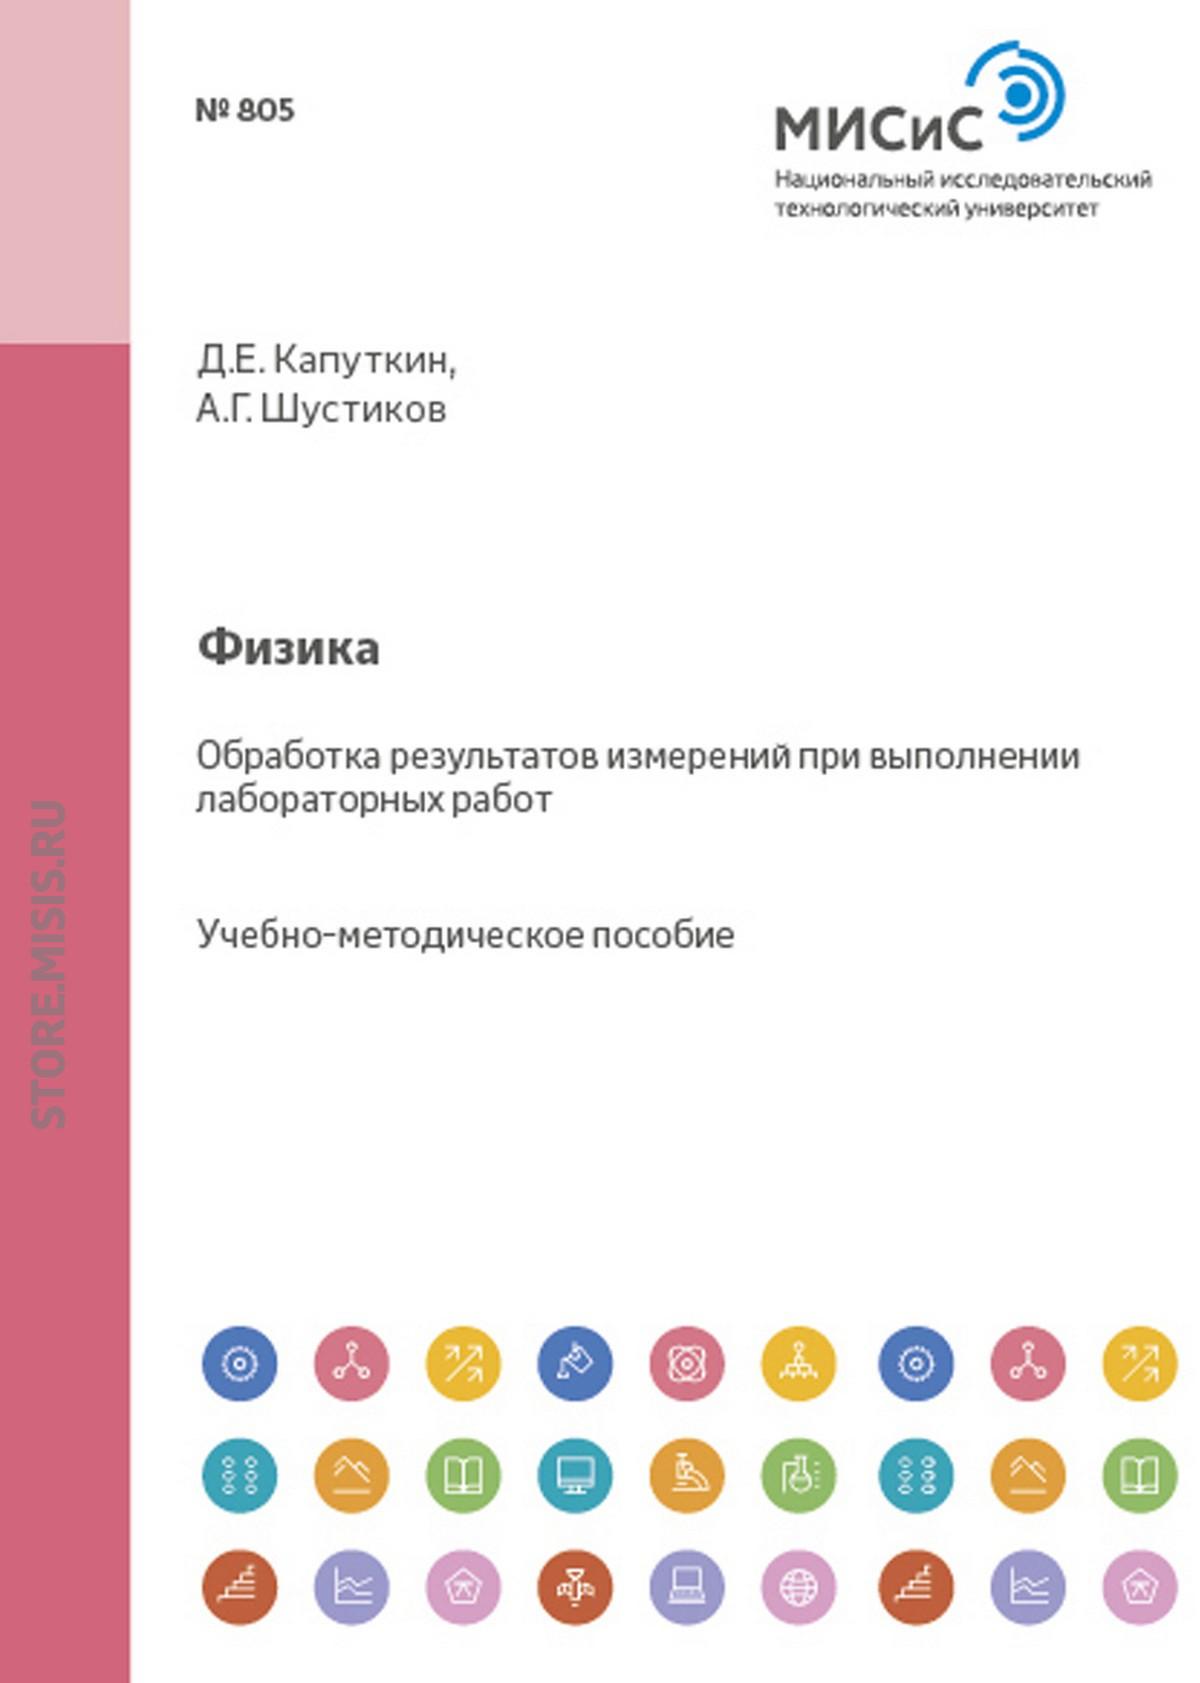 Андрей Шустиков Физика. Обработка результатов измерений при выполнении лабораторных работ андрей шустиков физика обработка результатов измерений при выполнении лабораторных работ